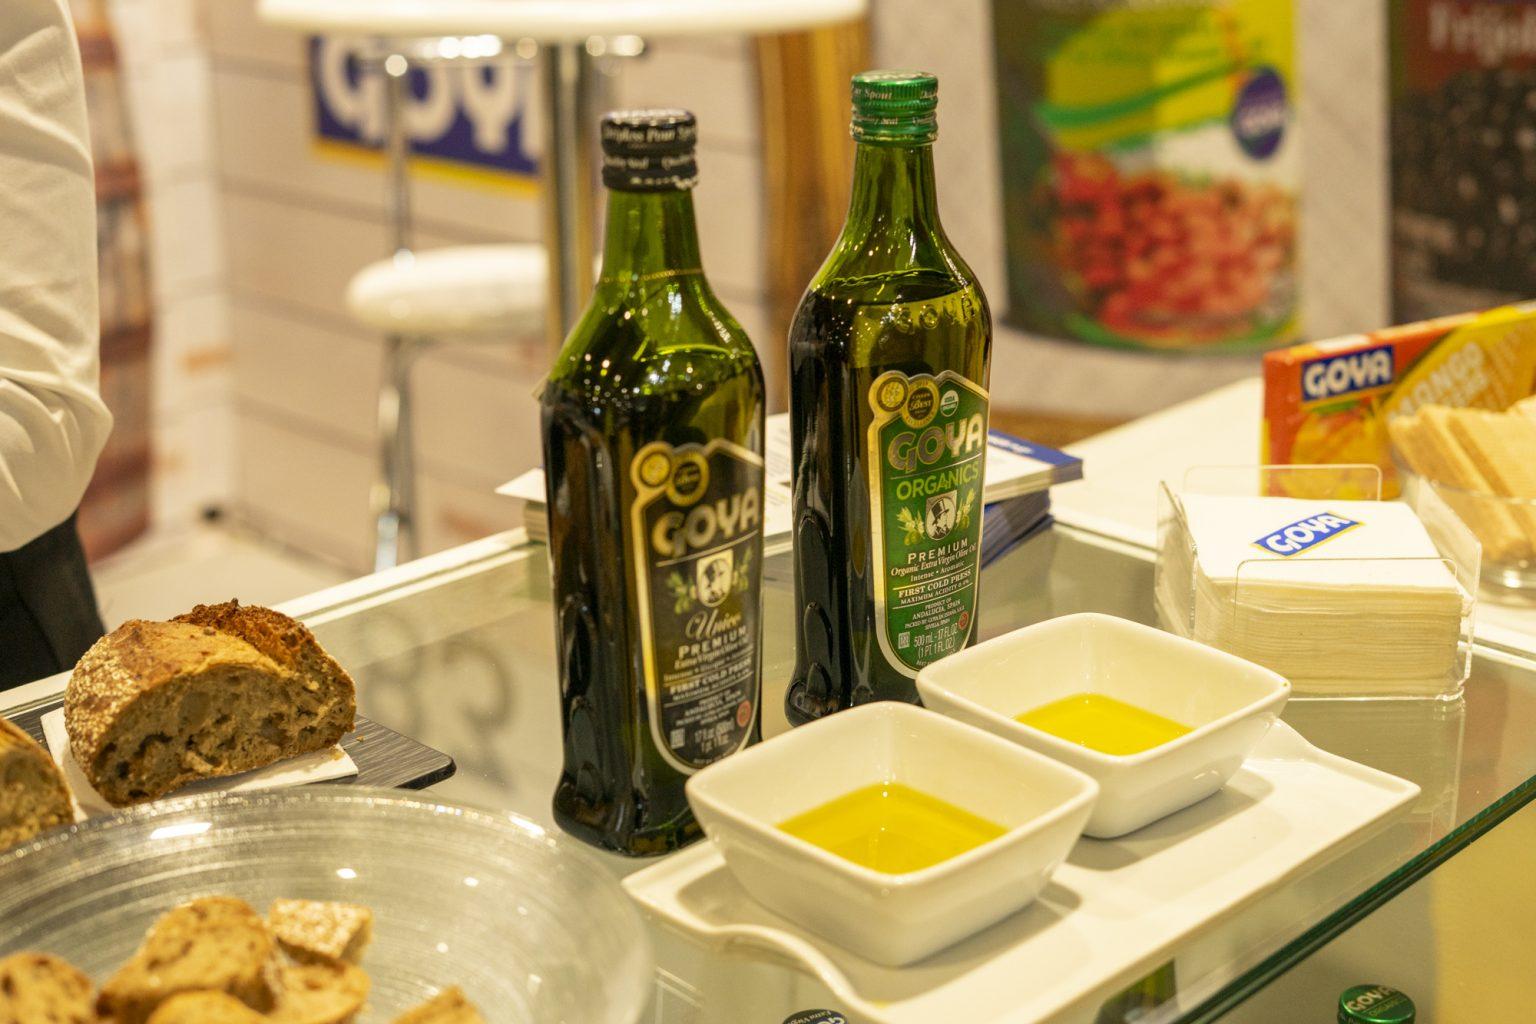 Tasting Goya olive oils